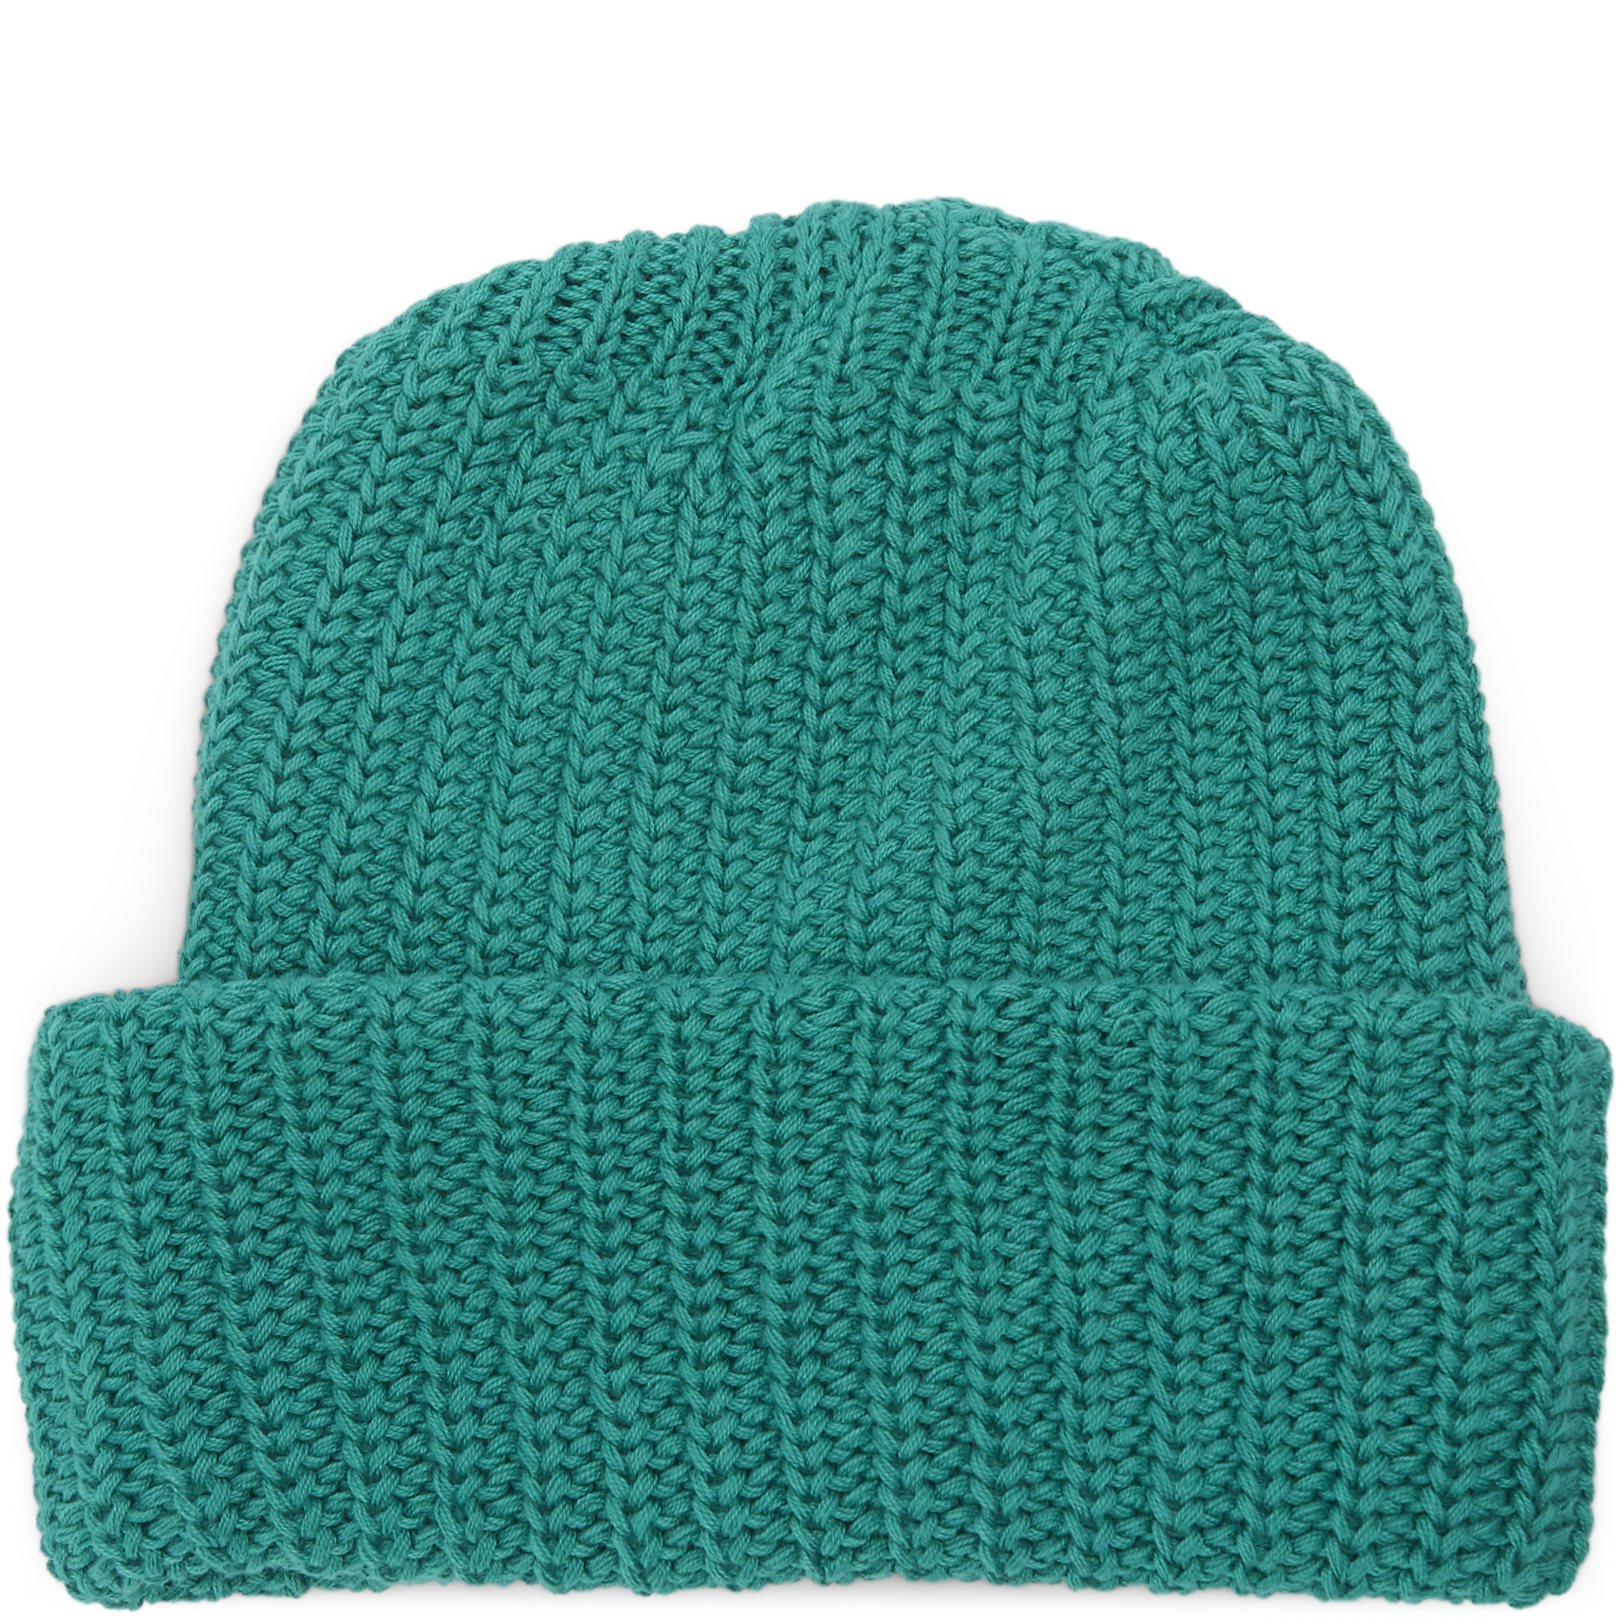 Mössor - Grön